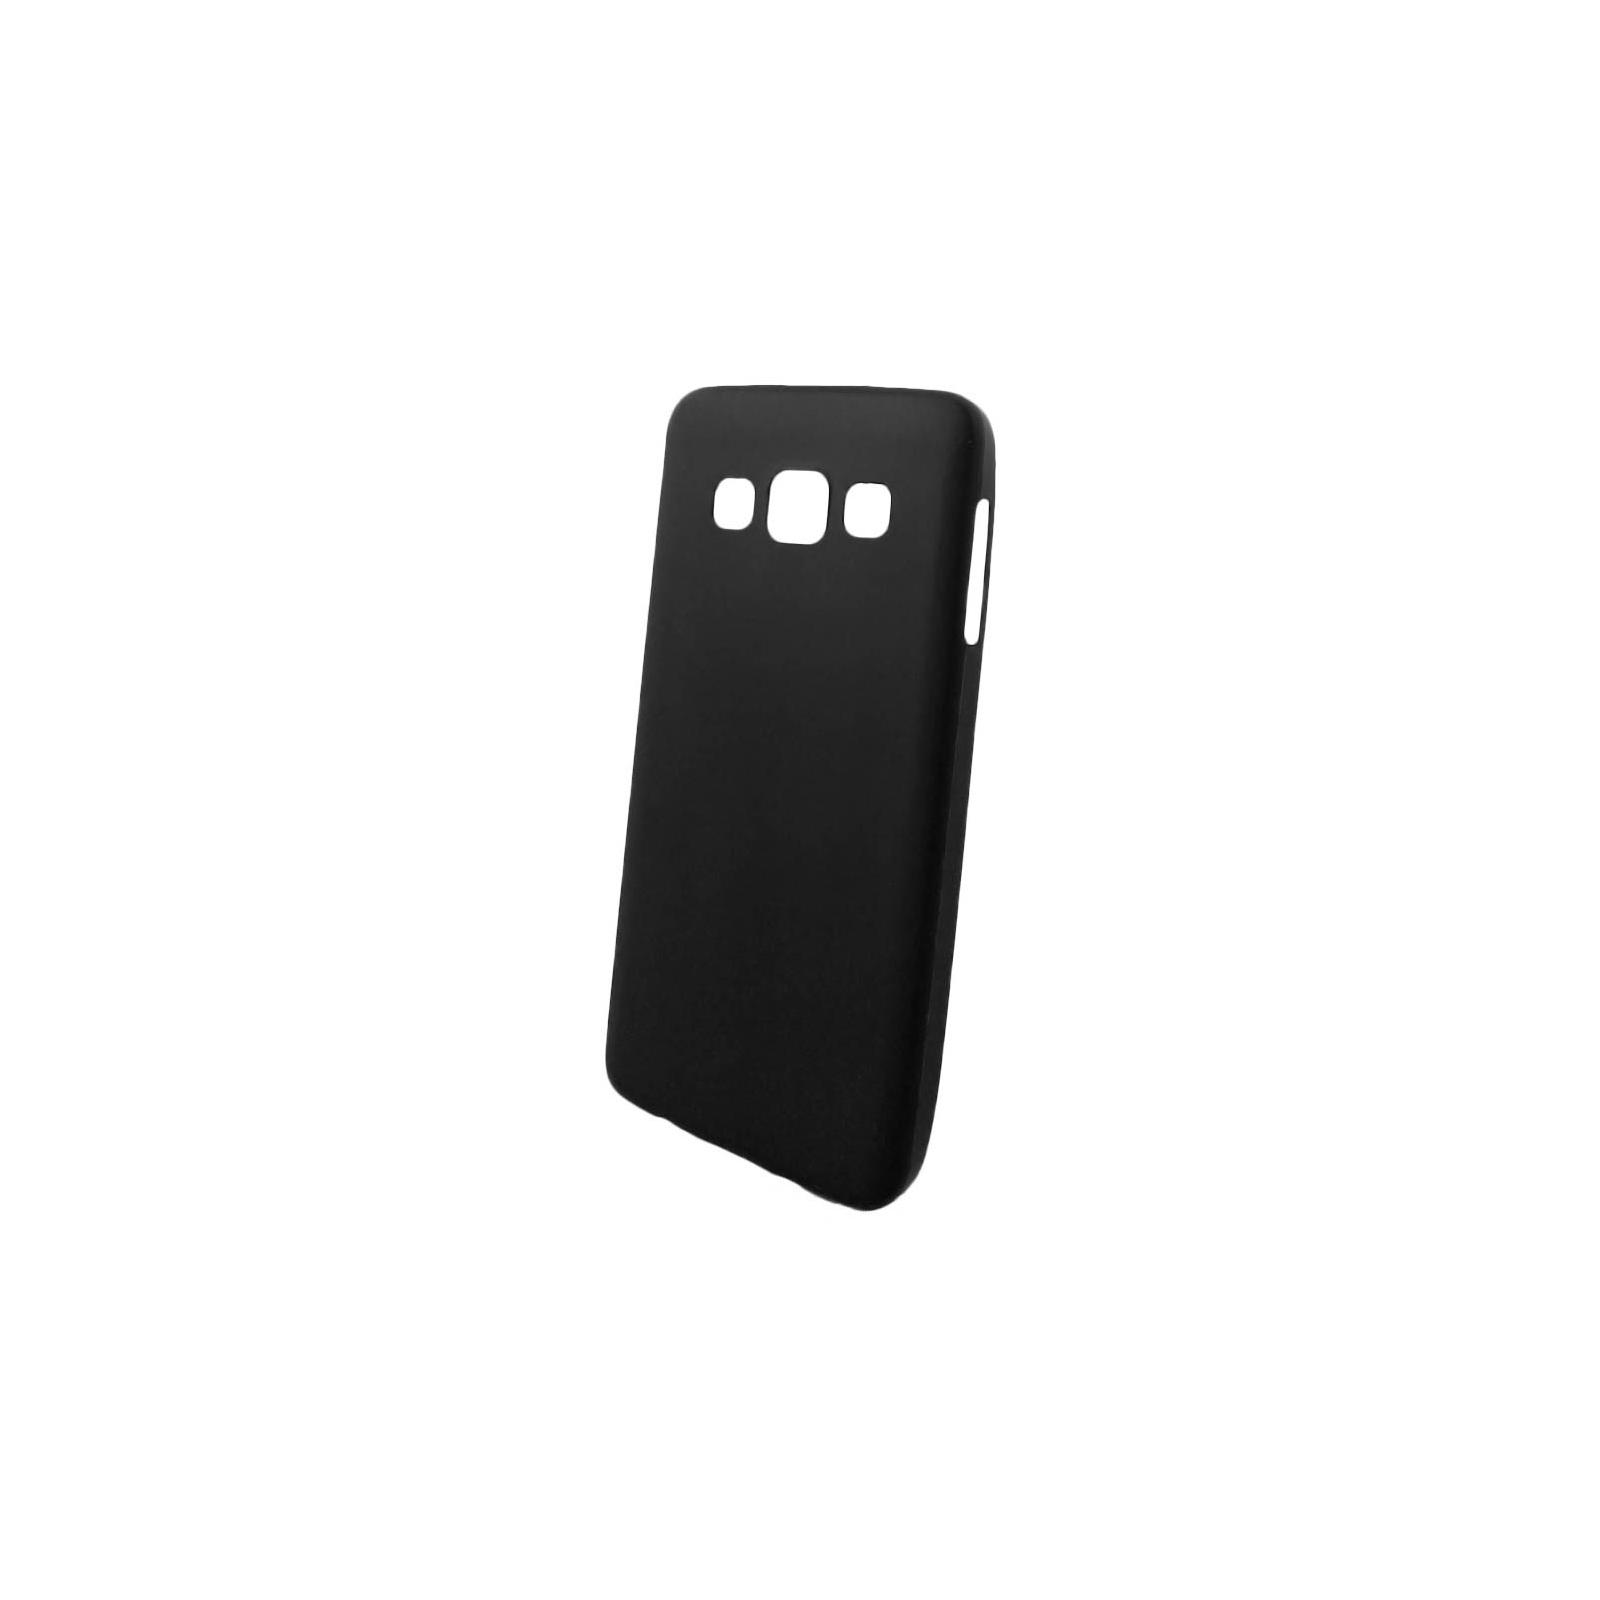 Чехол для моб. телефона GLOBAL для Samsung A500 (черный) (1283126467622)